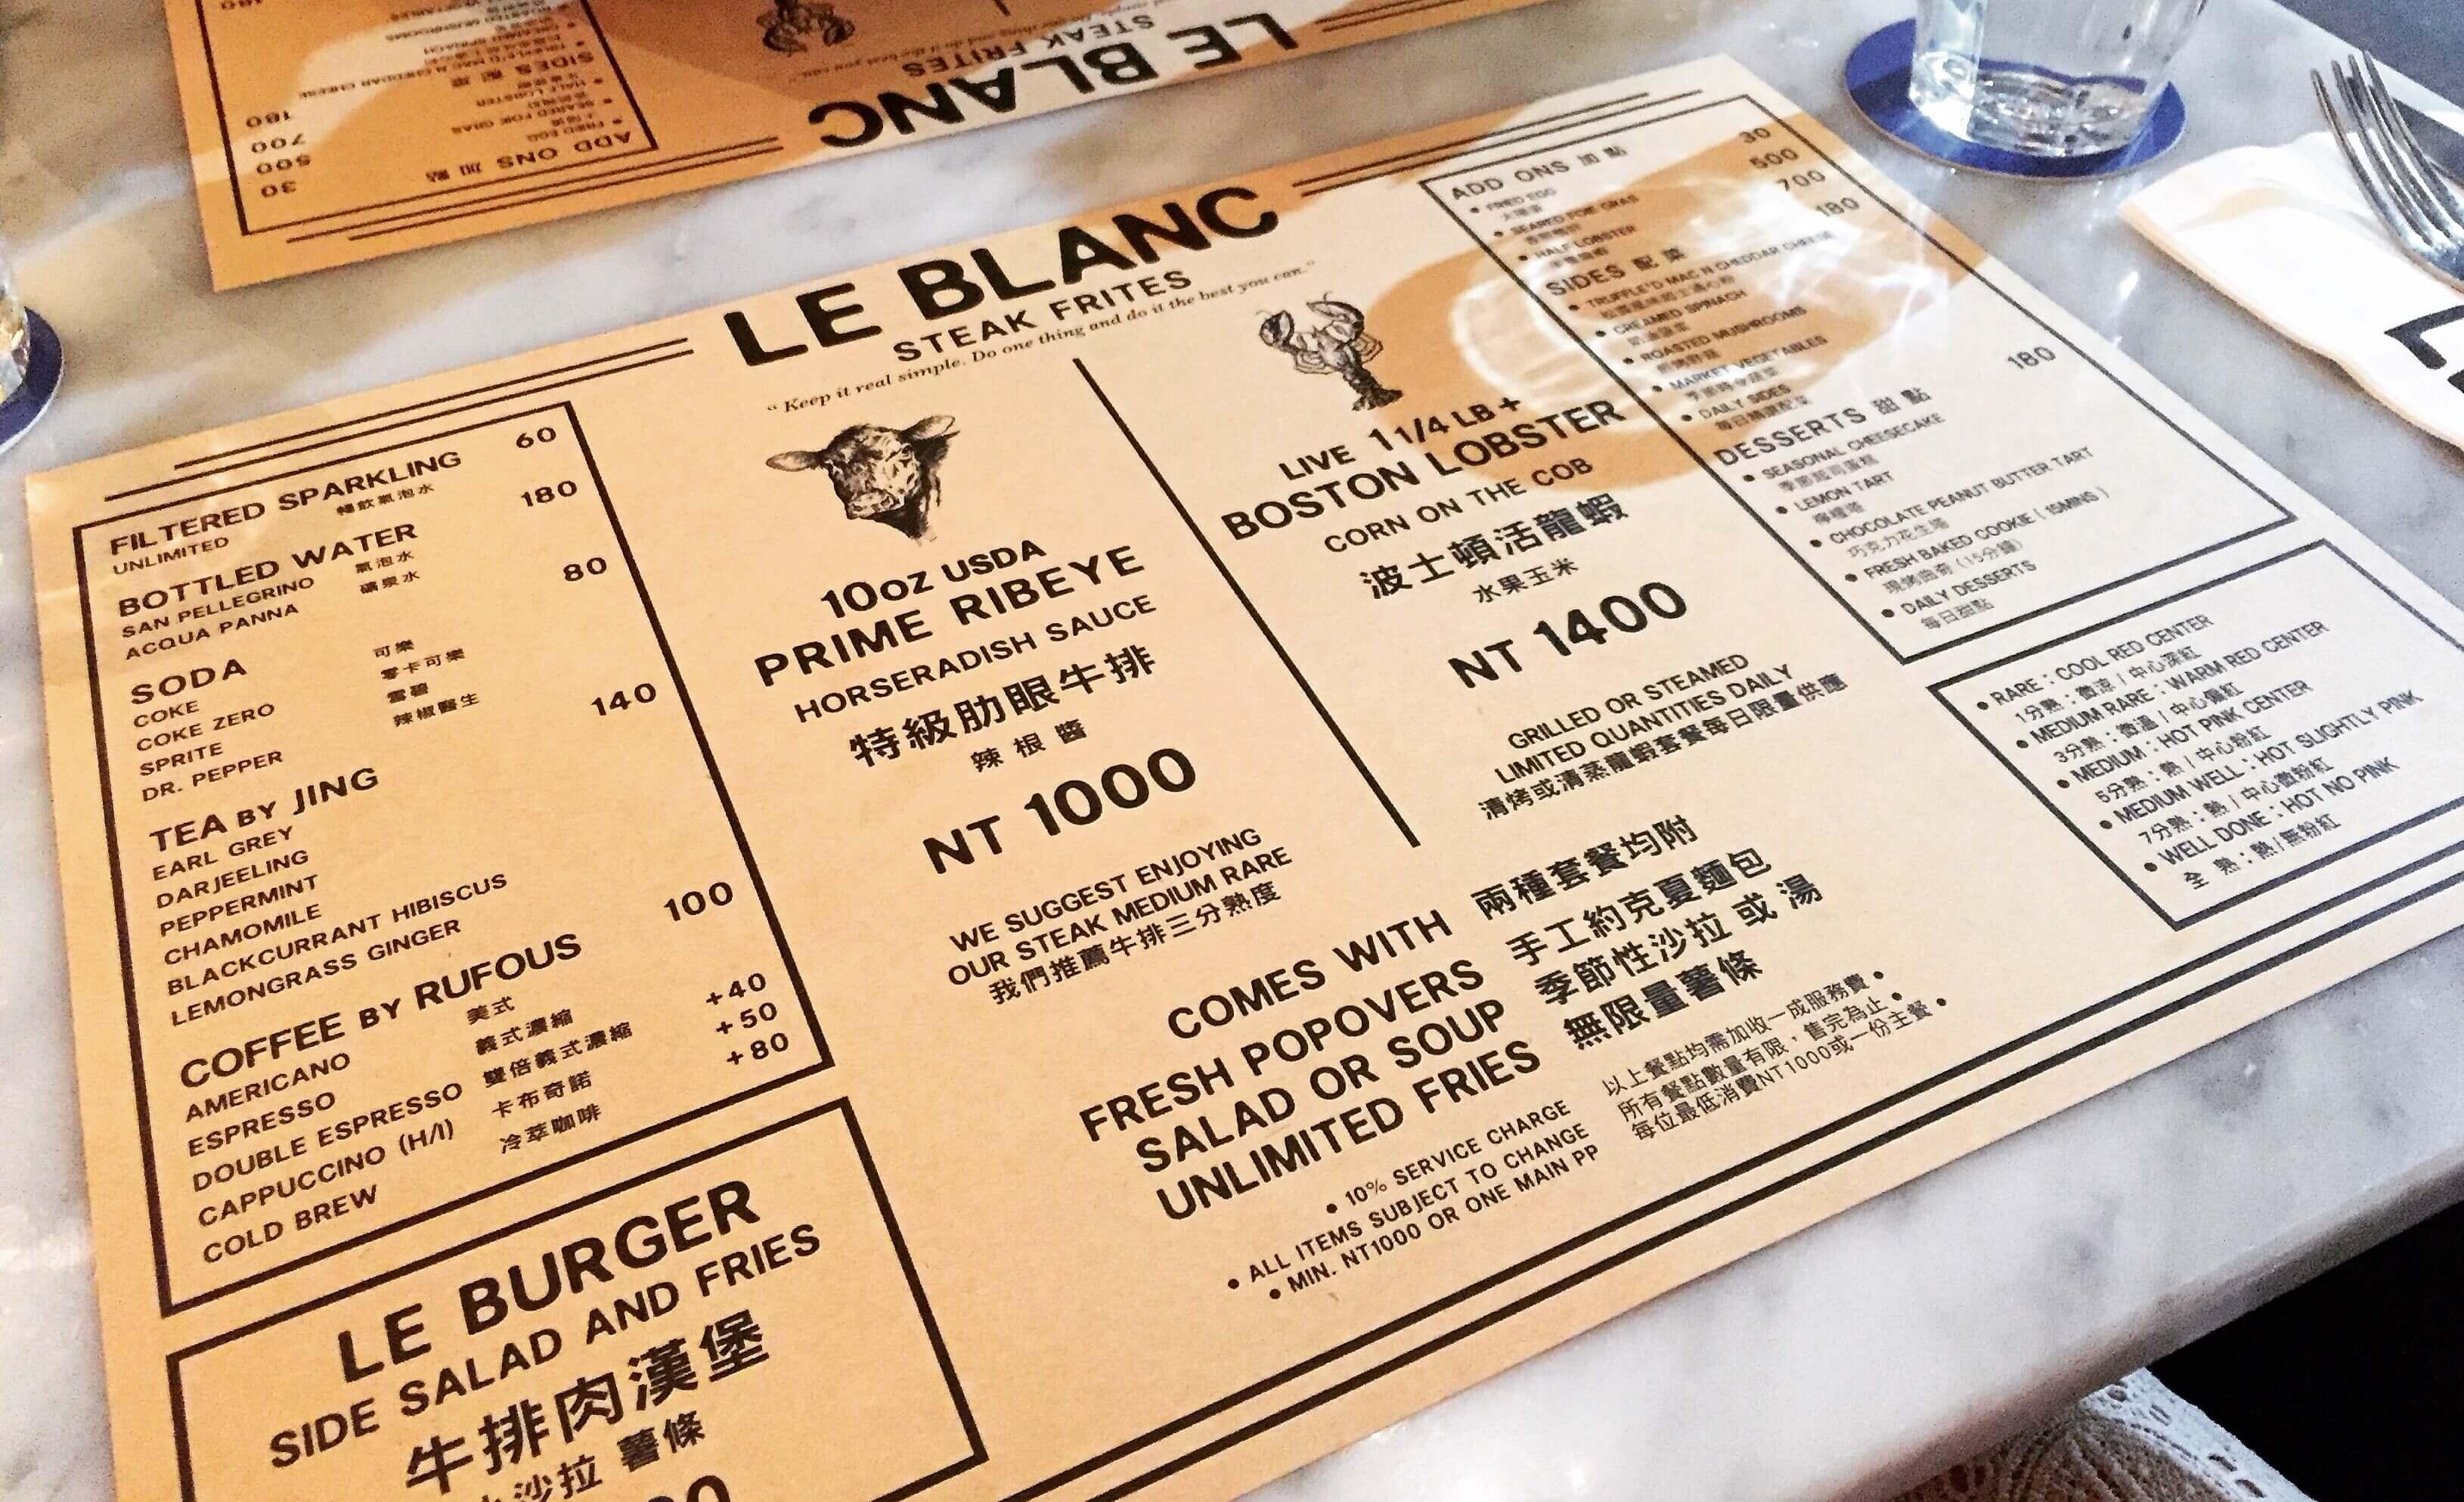 Le Blanc的菜單。(圖/吐司客拍攝)